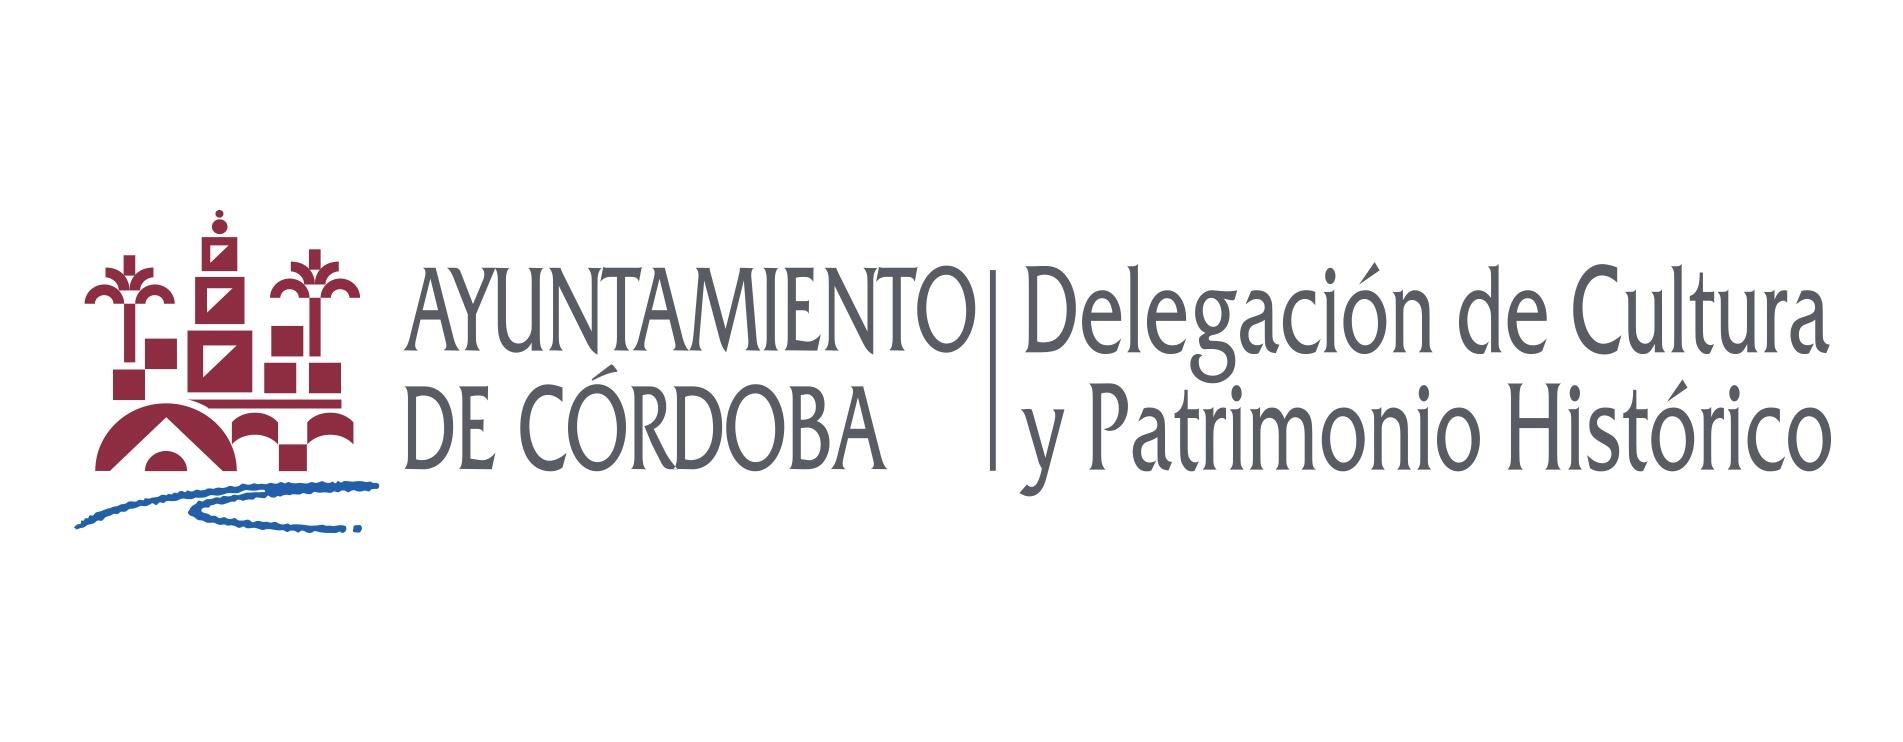 Convocatoria de subvenciones de la Delegación de Cultura. 2018